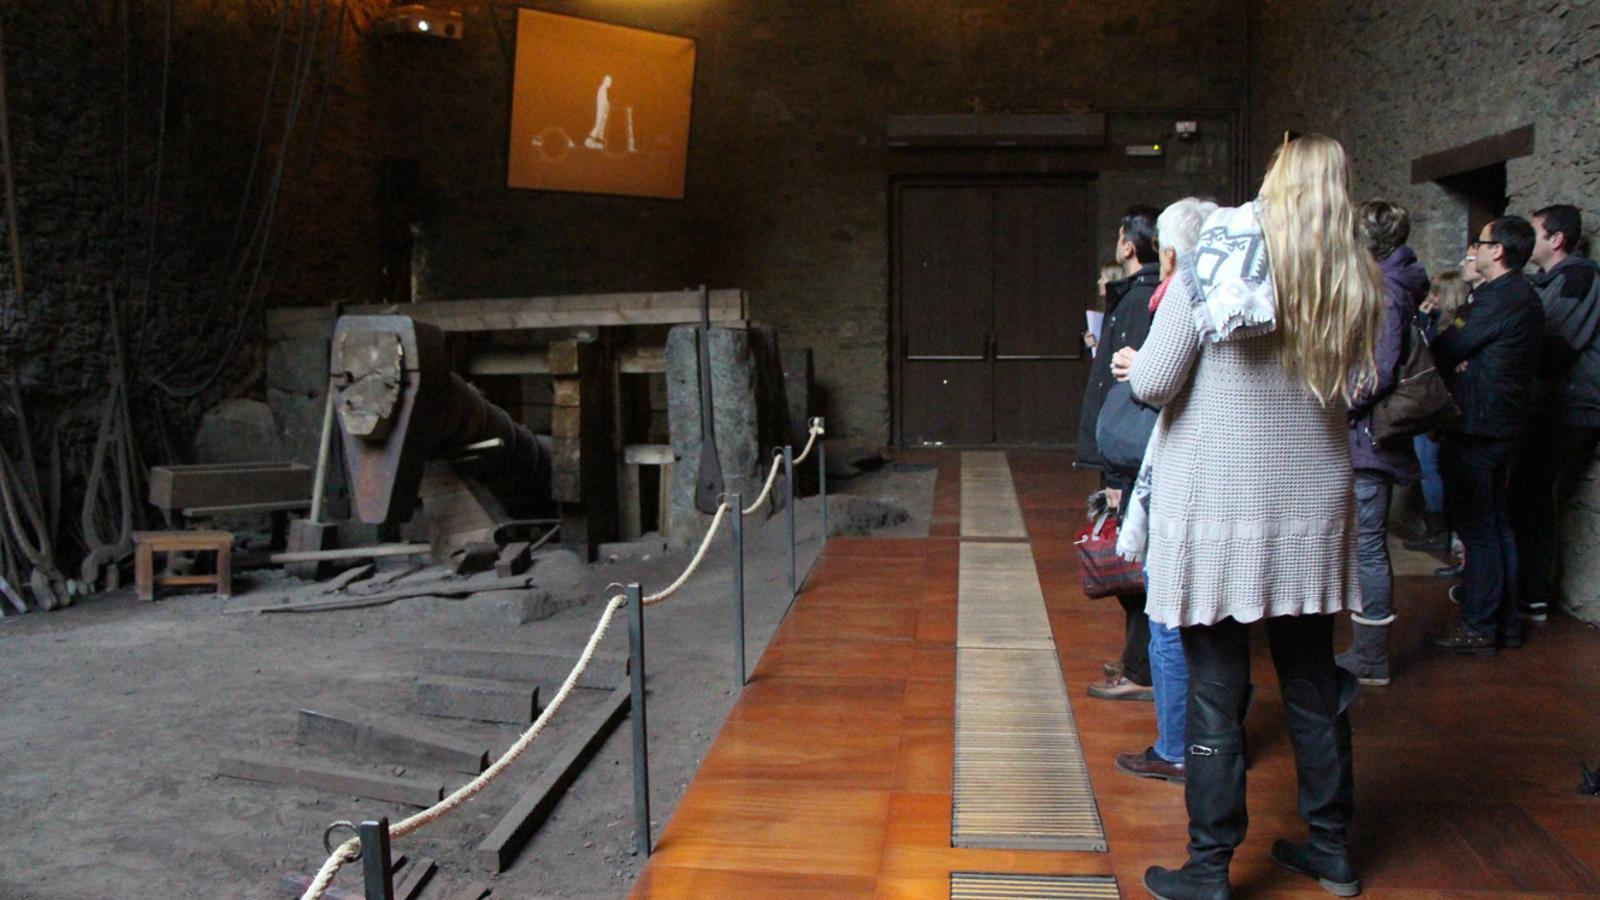 Un moment de la visita dels assistents al curs d'habilitació d'informadors turístics a l'interior de la Farga Rossell. / L. M. (ANA)